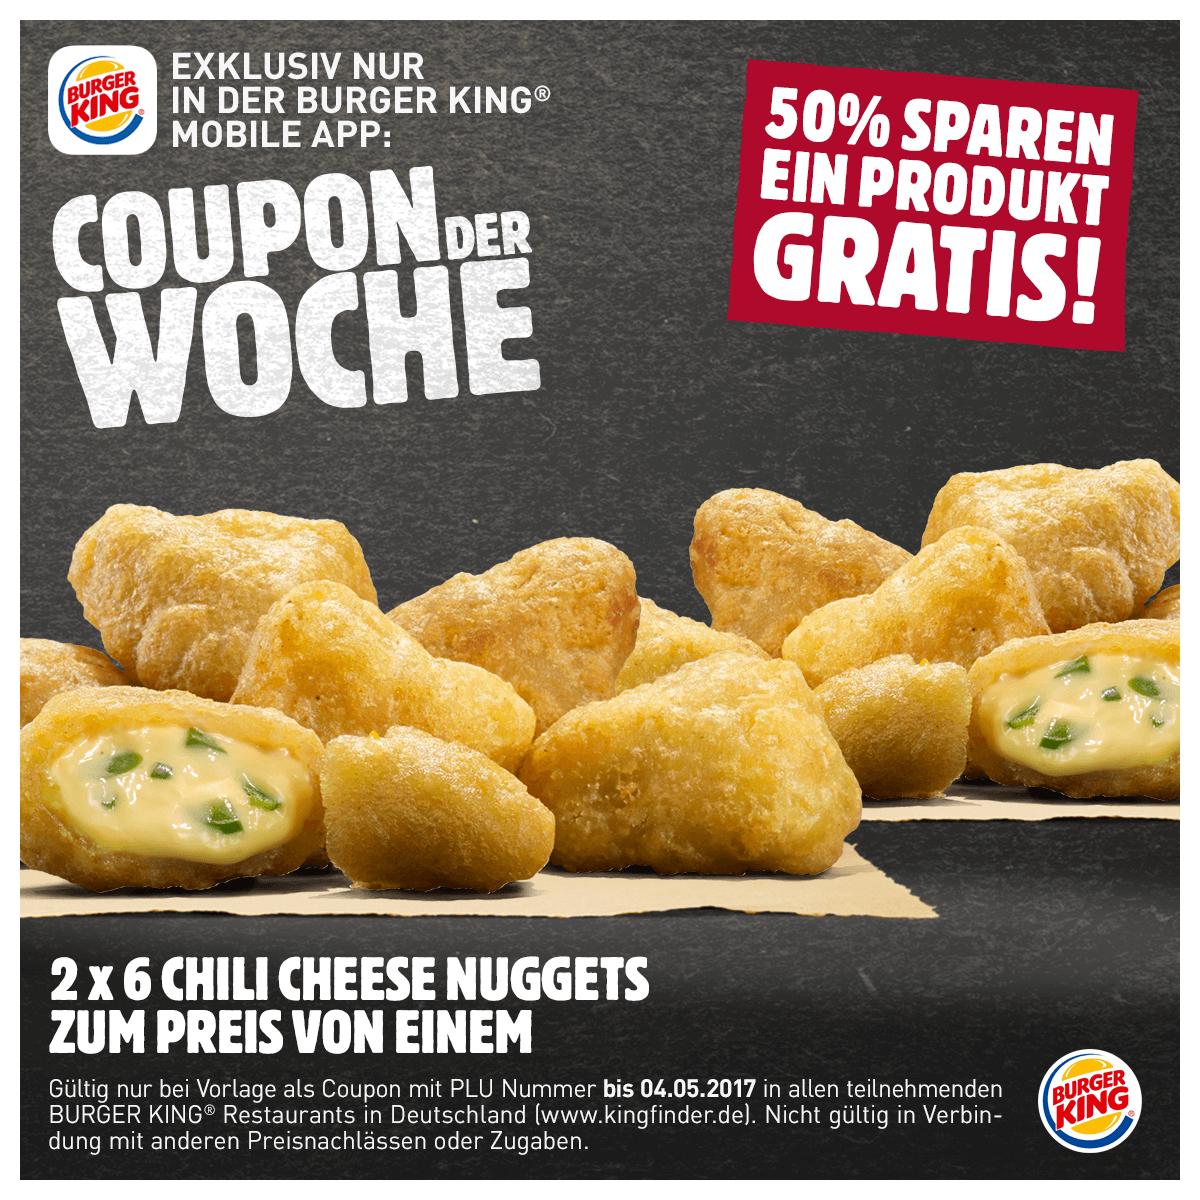 [Burger King] 2x 6 Chili Cheese Nuggets zum Preis von einem - 50% sparen/ein Produkt gratis!